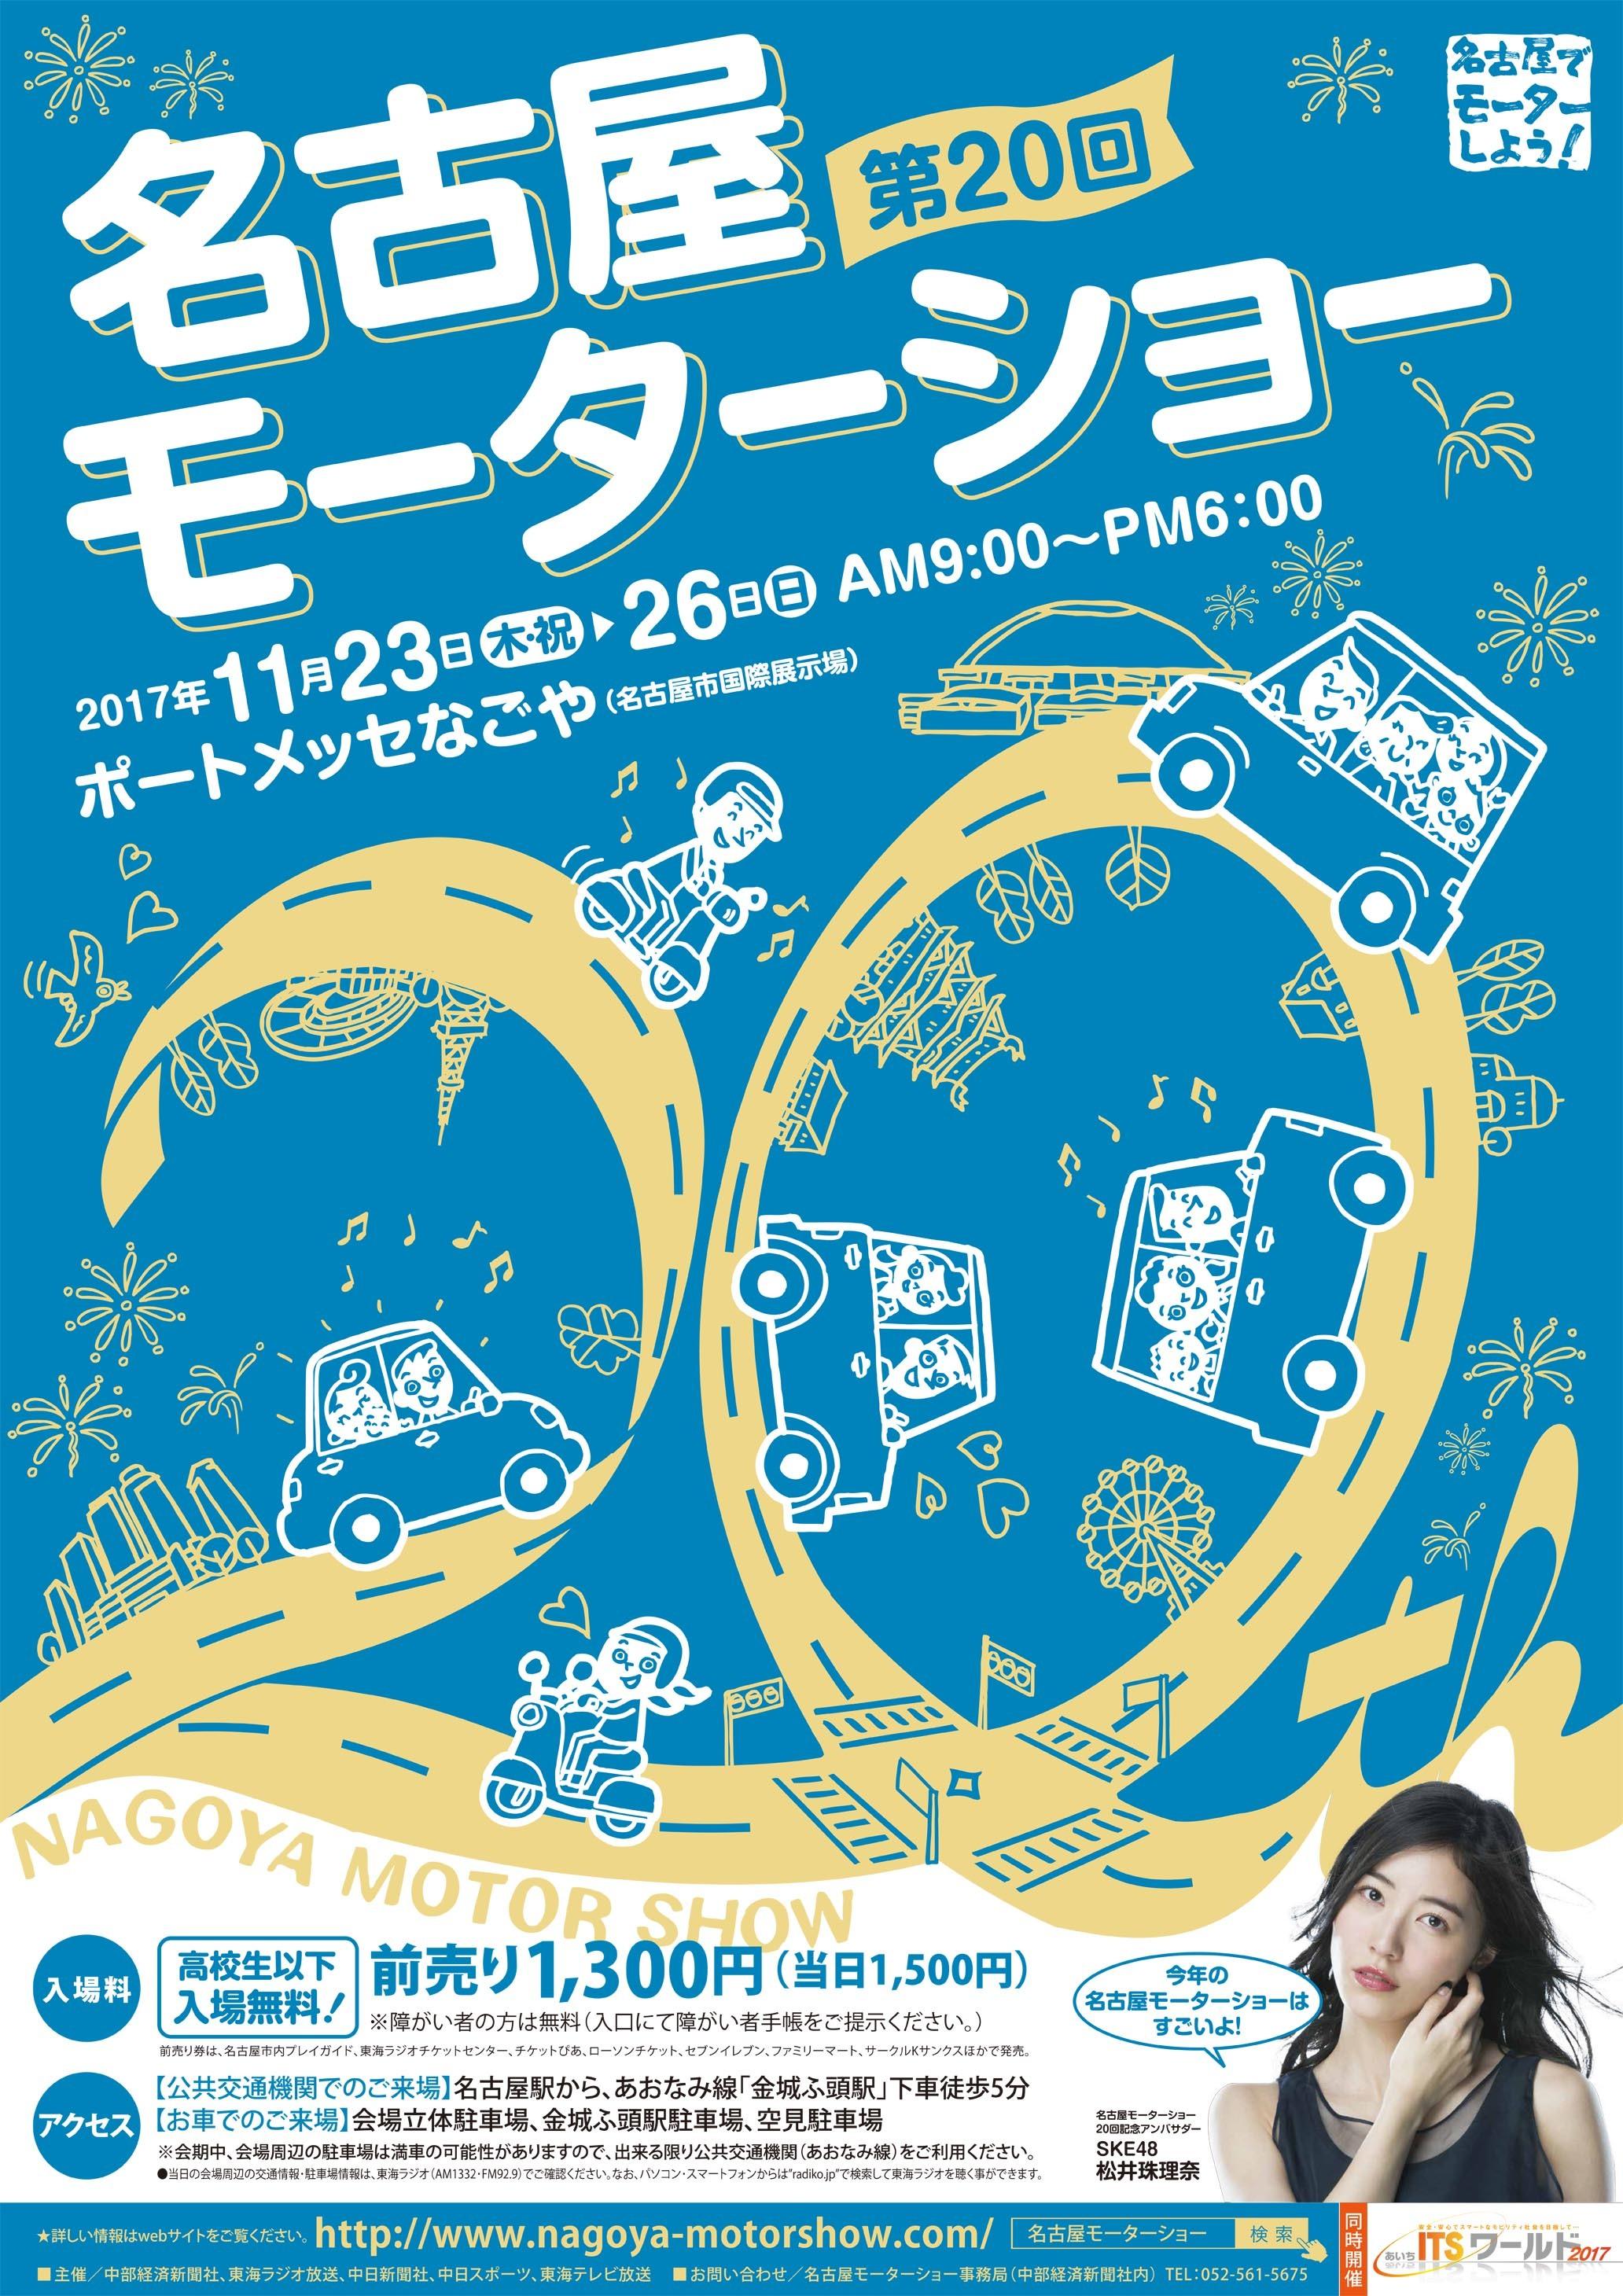 名古屋モーターショーのポスター。文字が道になっており、活気あふれる名古屋の街をイメージしたデザインだ